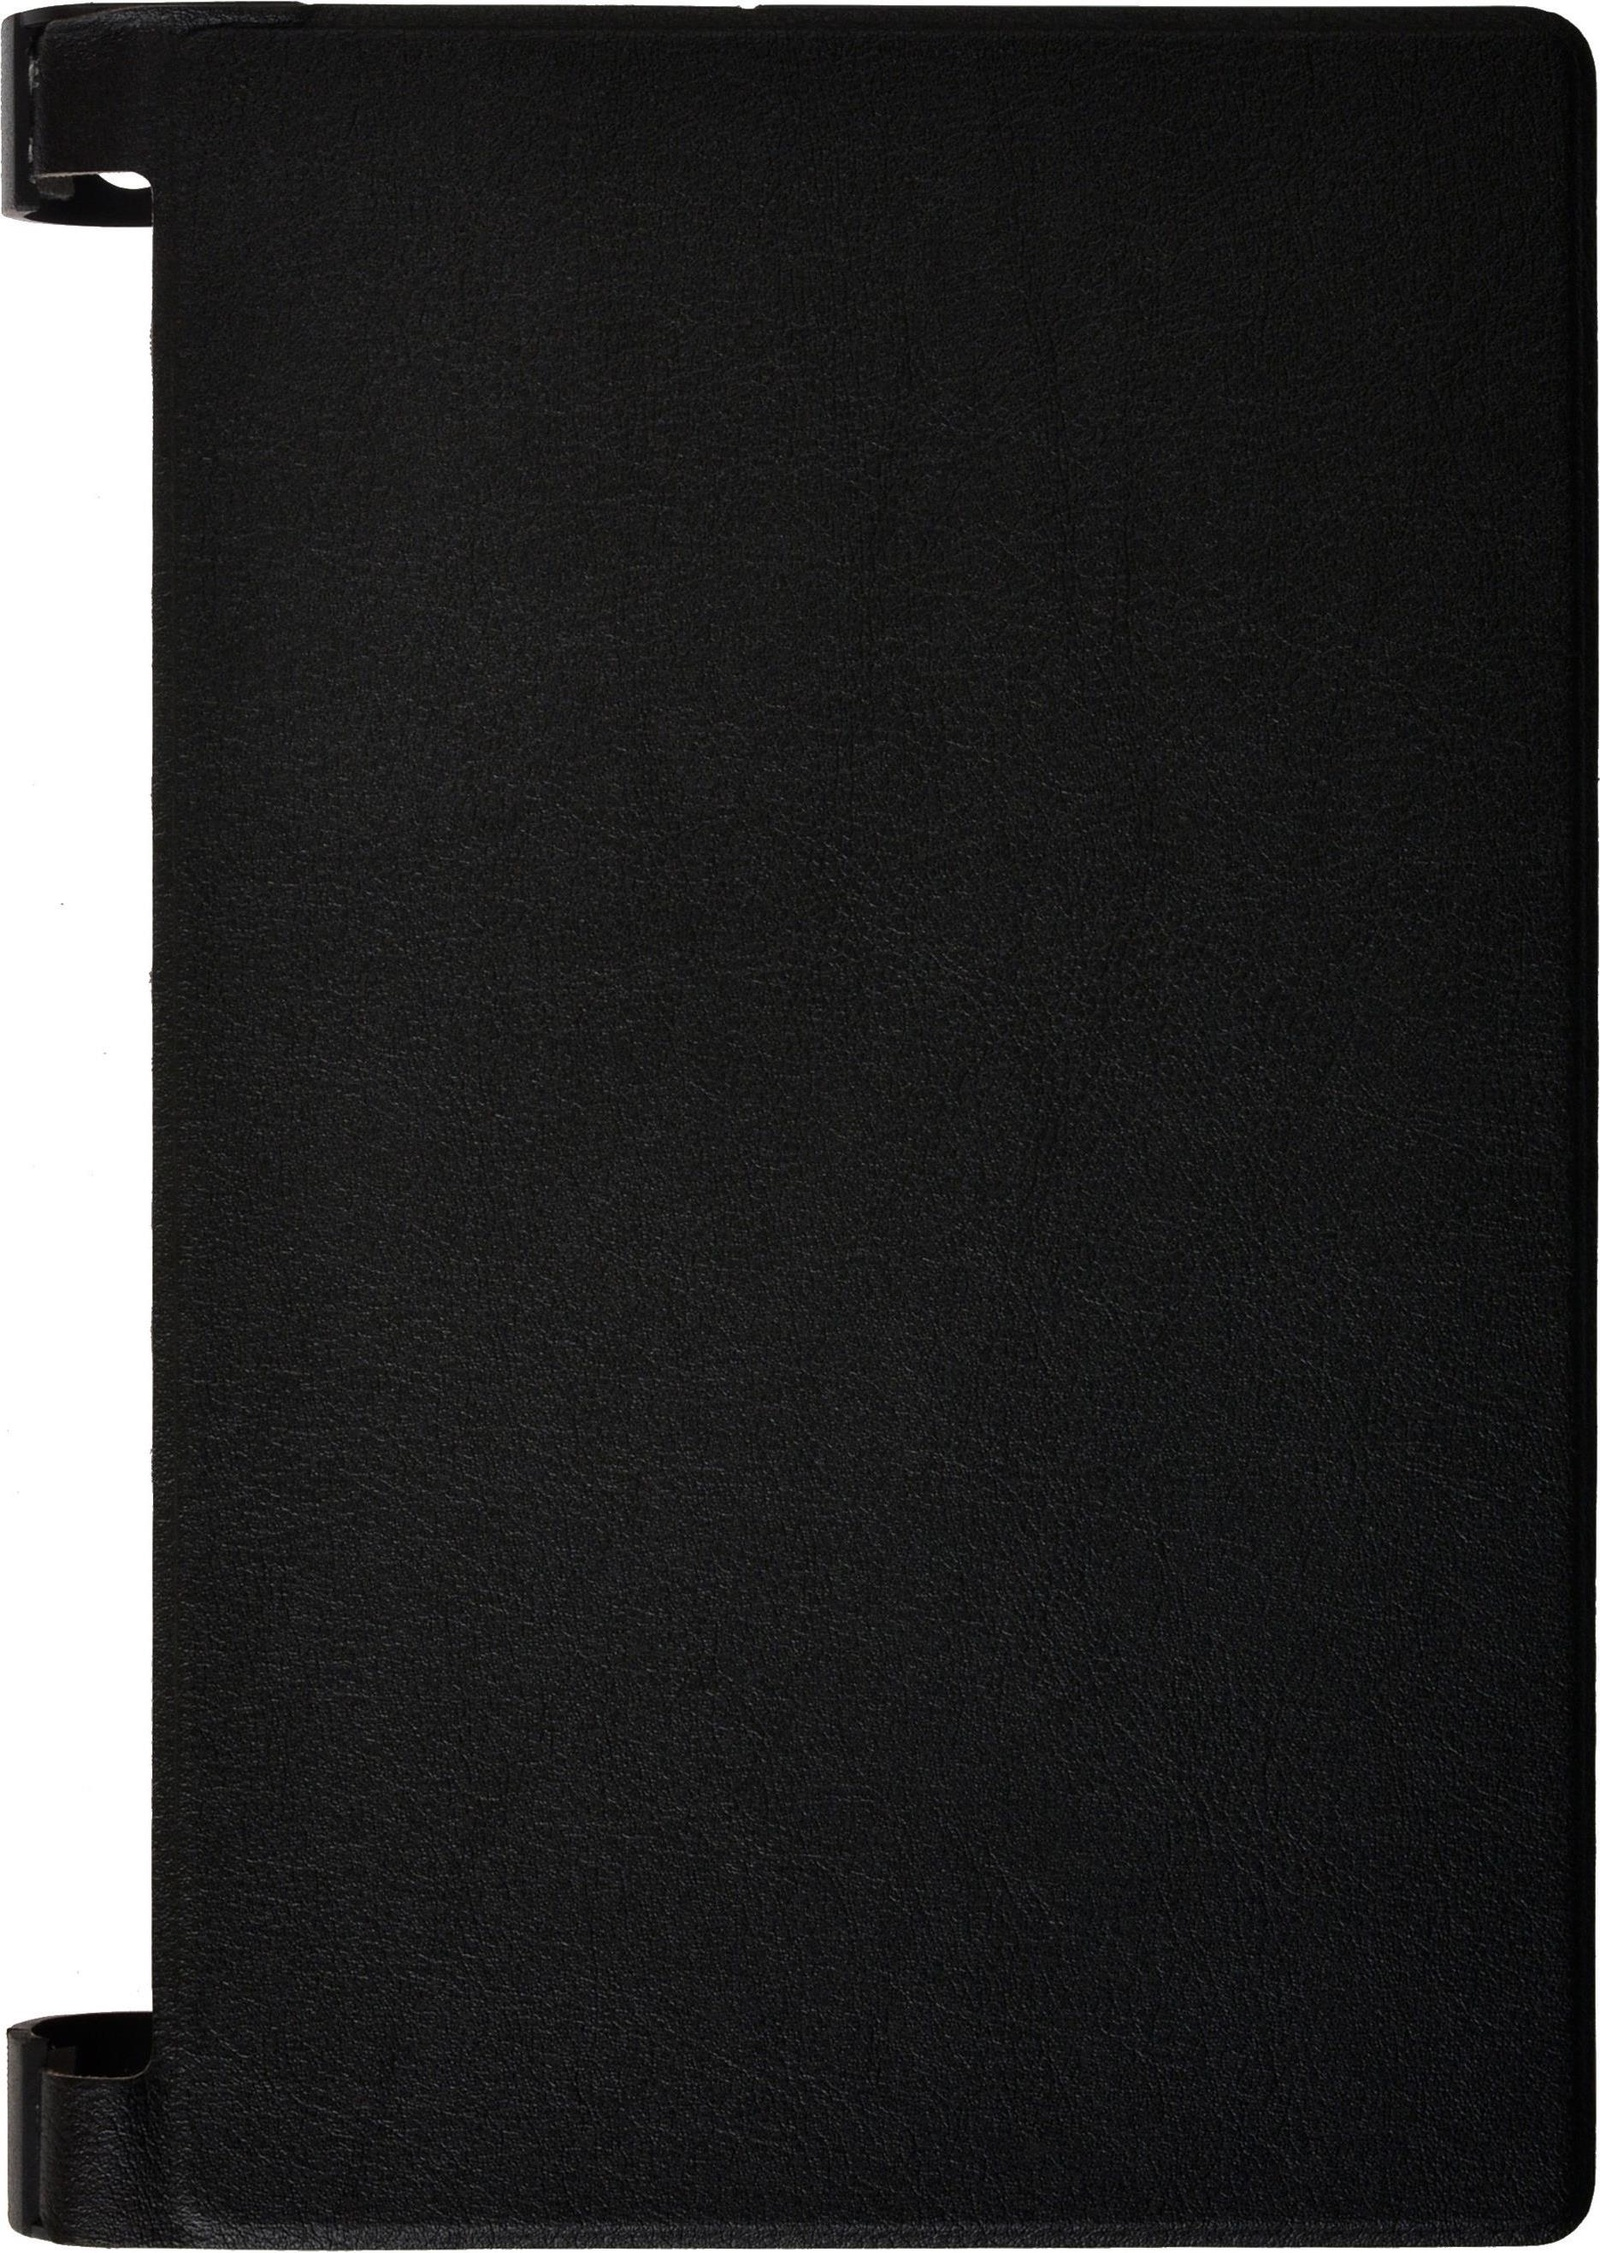 Чехол для планшета skinBOX Smart, 4630042525566, черный